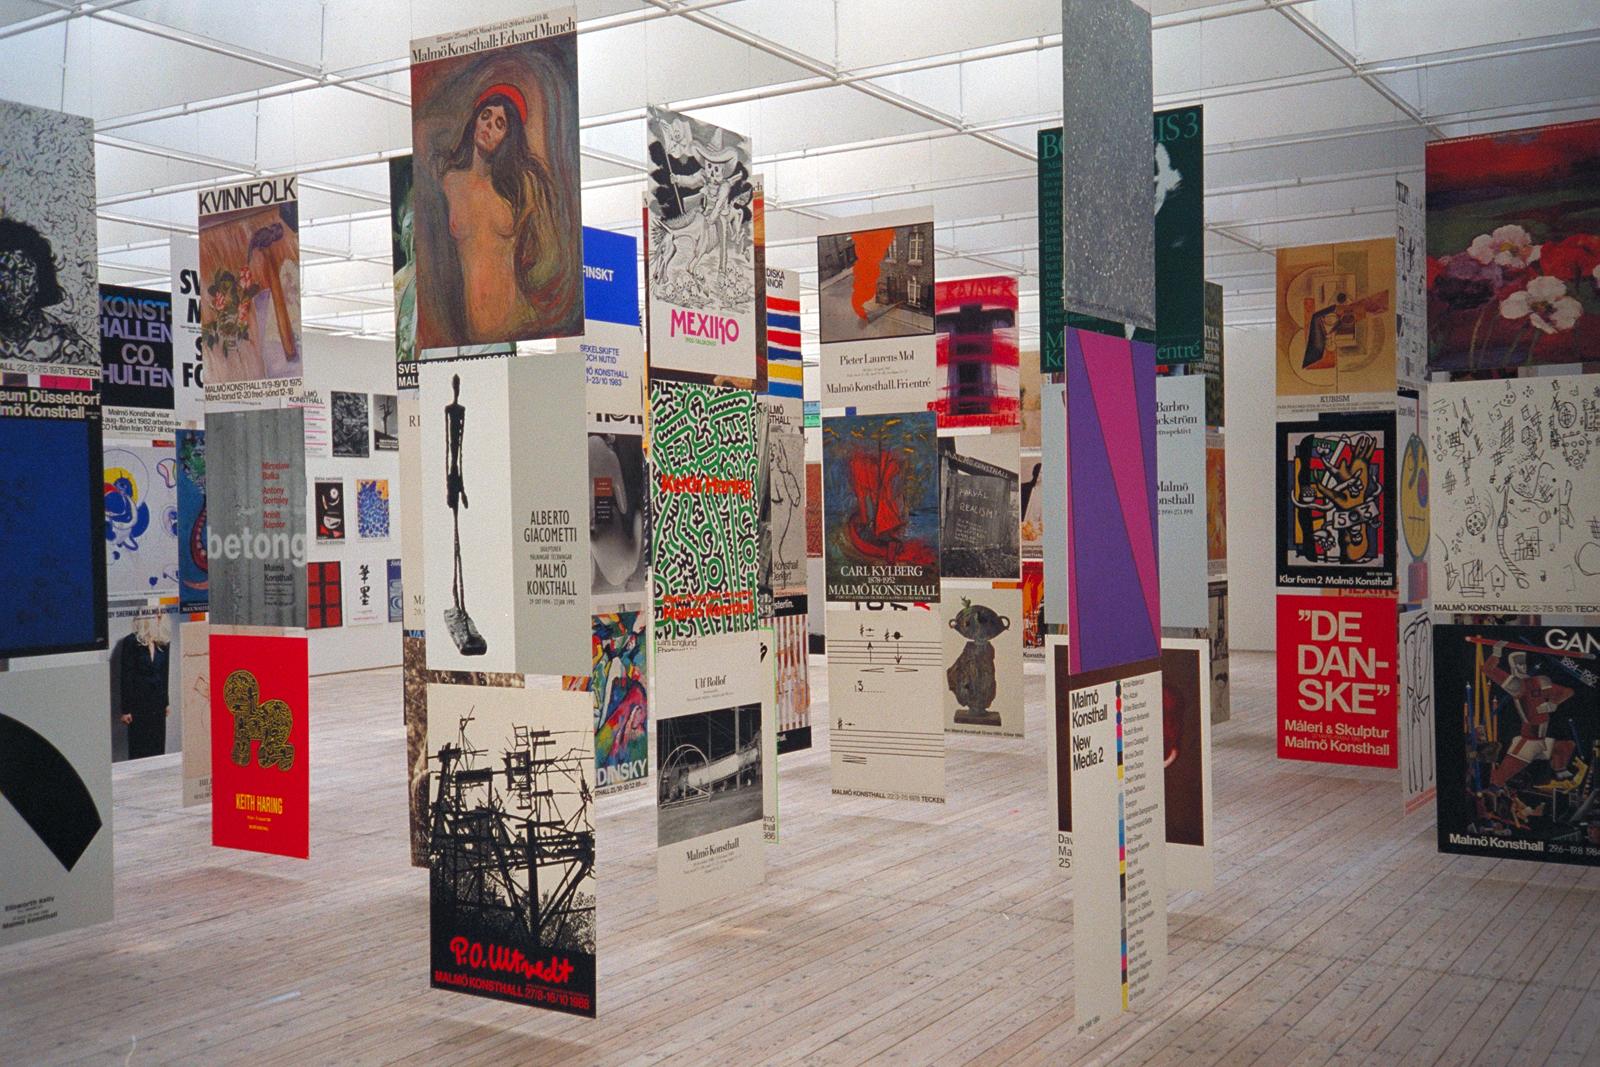 Expo dans le musée d'art contemporain de la Malmö Konsthall - Photo de Jonn Leffmann